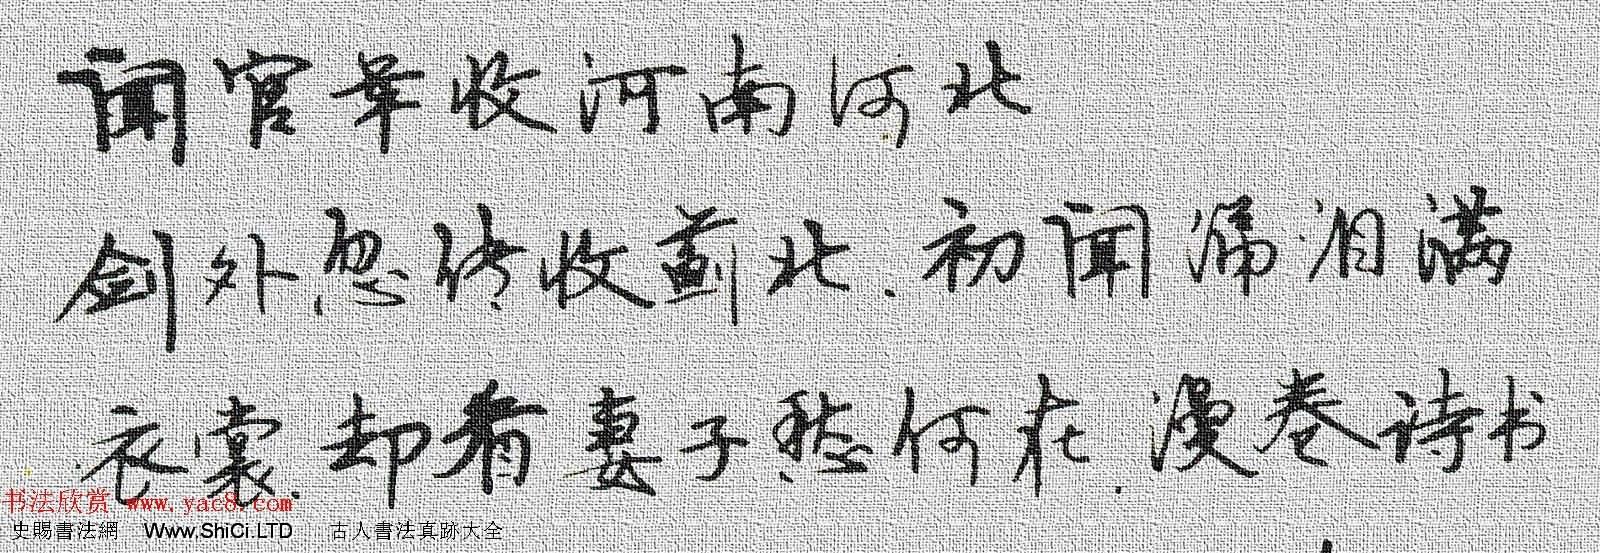 來稿選刊 大連市教師劉思遠-馮亞南的鋼筆字(共5張圖片)